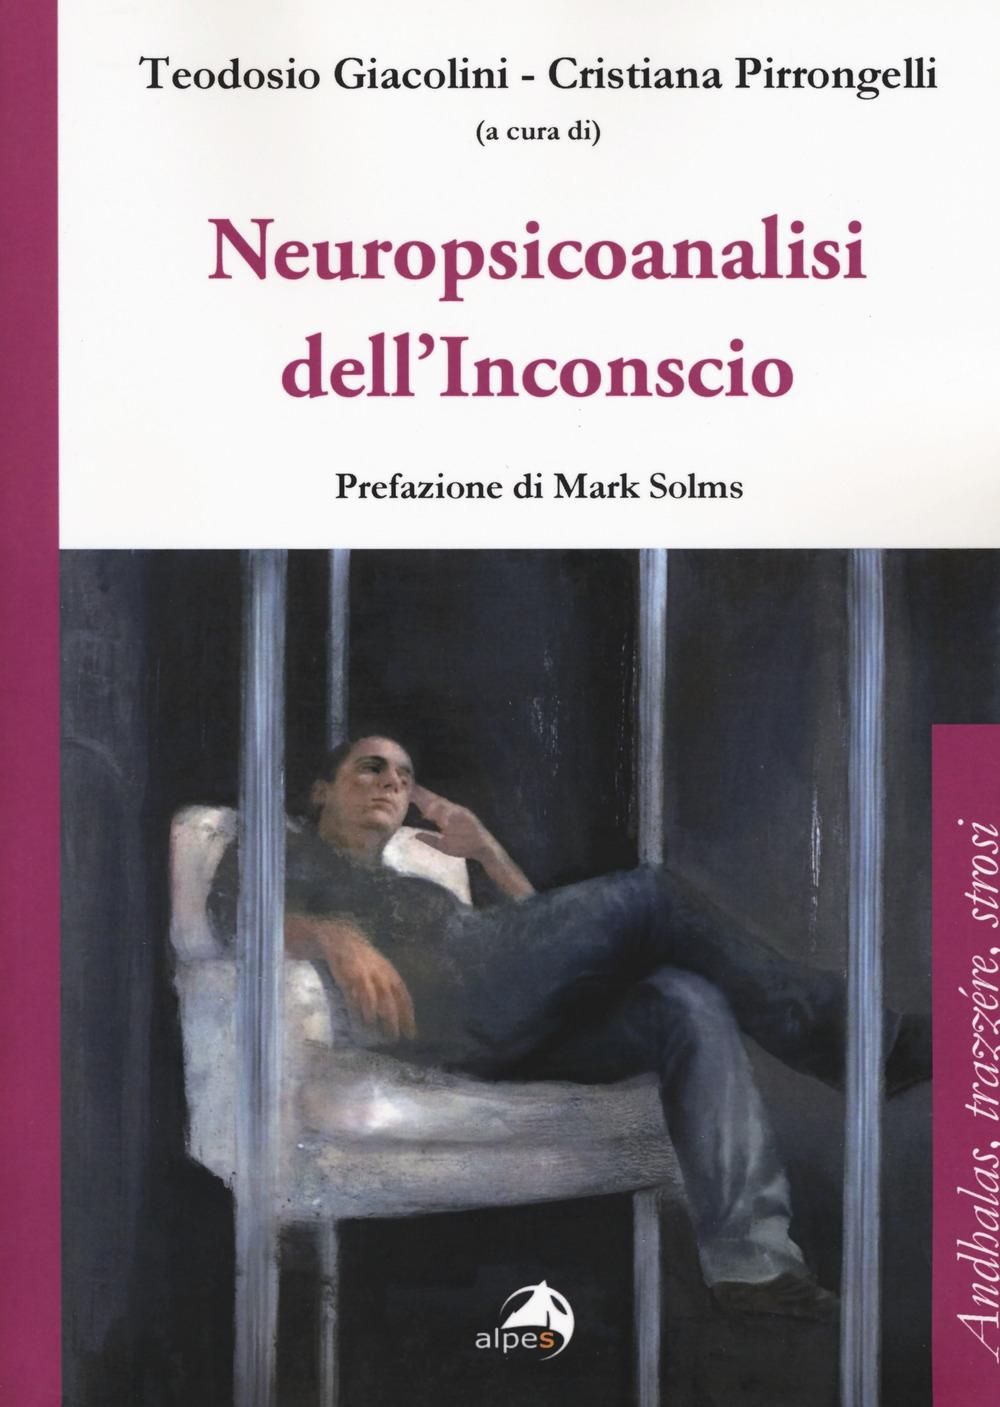 Neuropsicoanalisi dell'inconscio